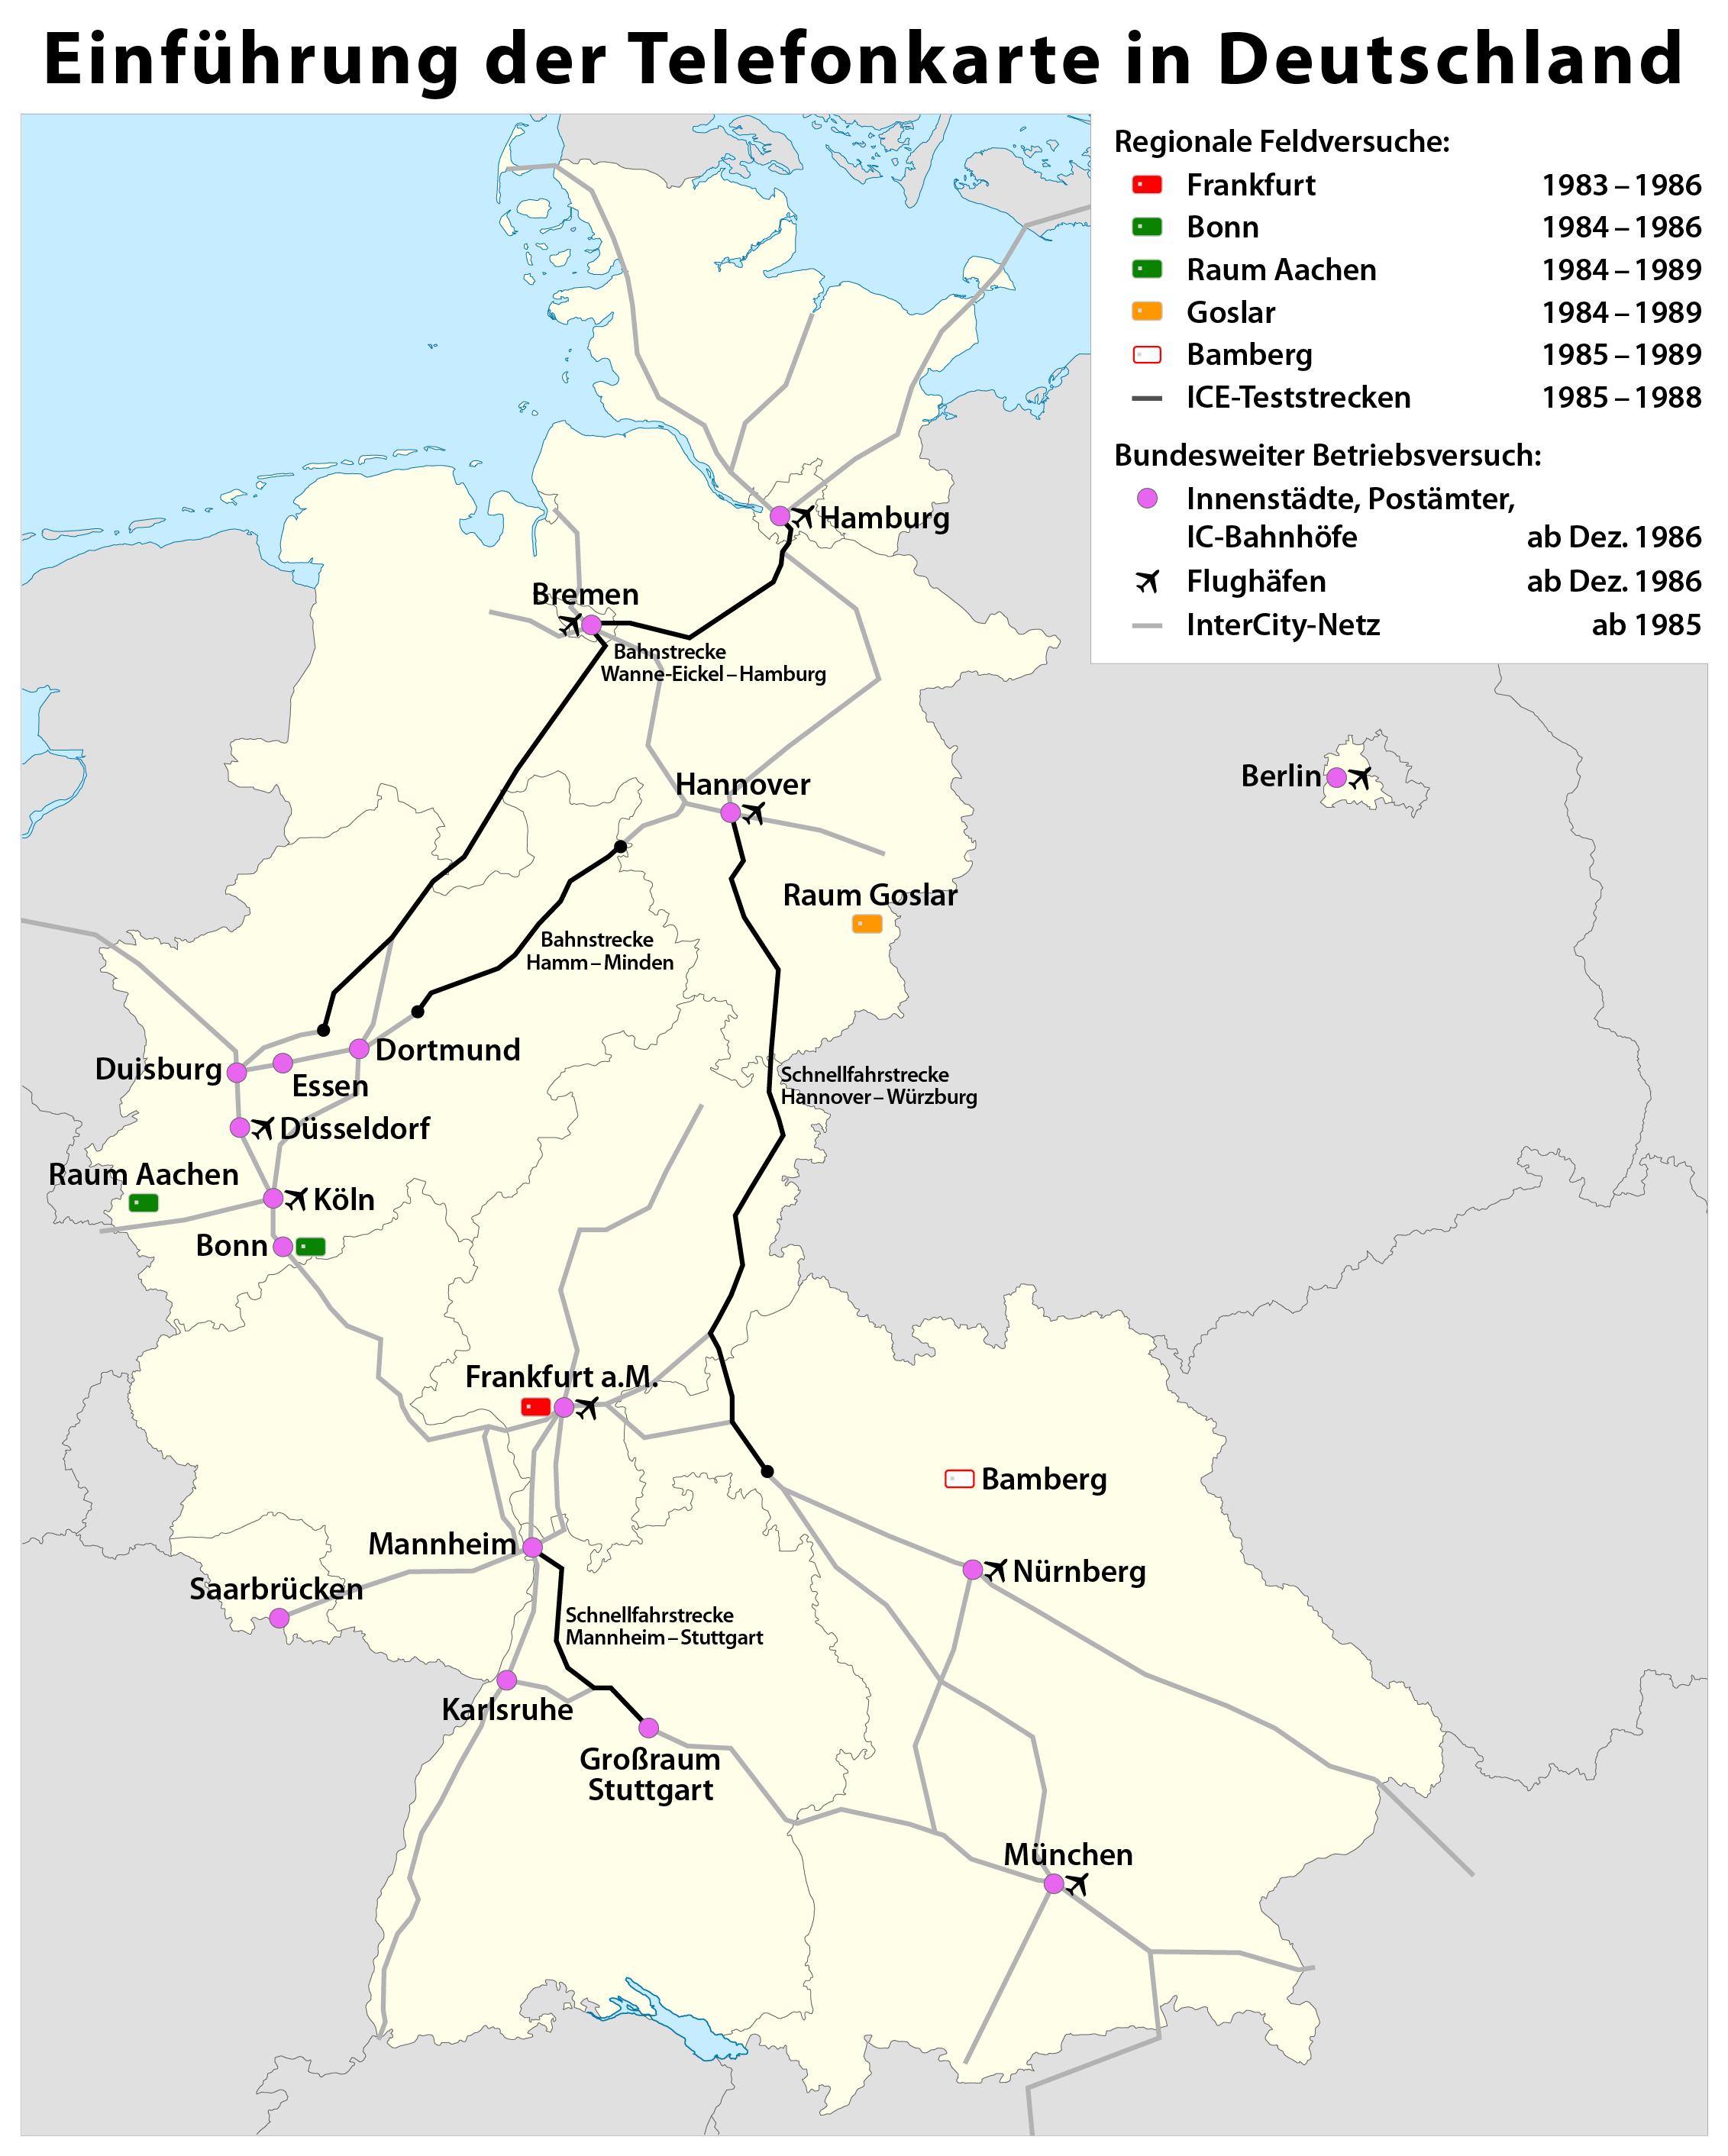 File Karte Zur Einfuhrung Der Telefonkarte In Deutschland Png